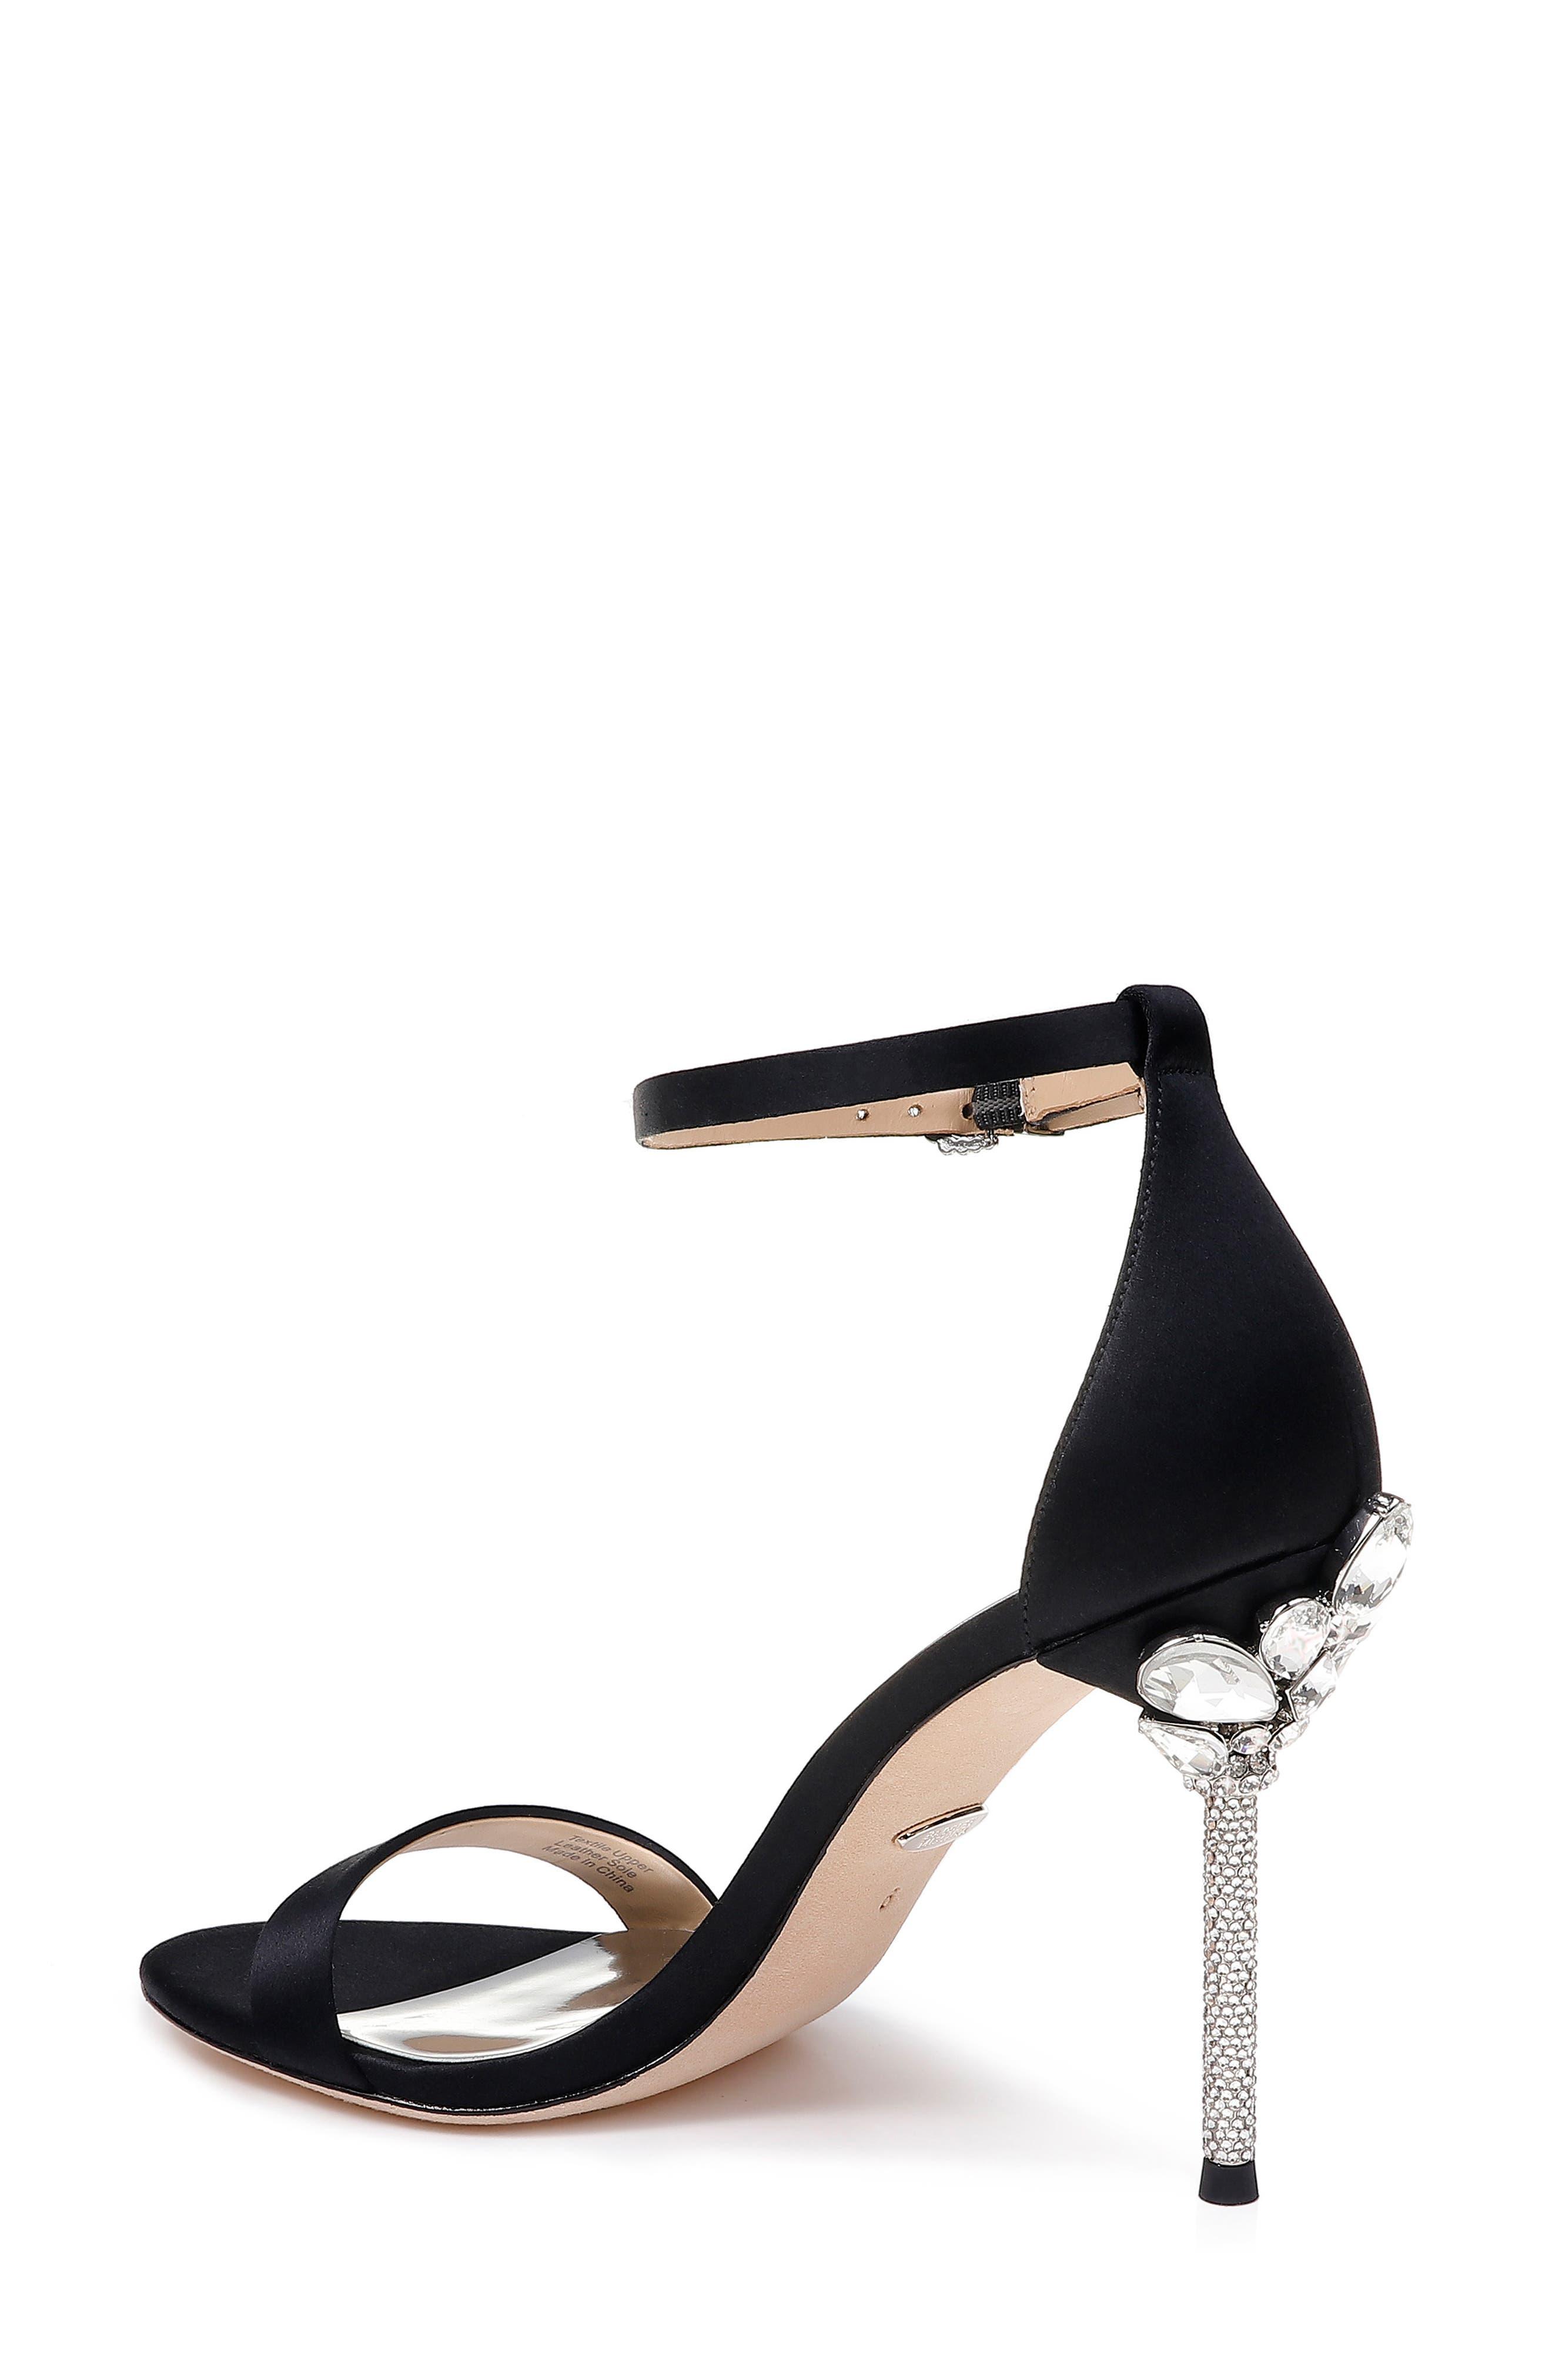 Vicia Crystal Embellished Heel Sandal,                             Alternate thumbnail 2, color,                             BLACK SATIN